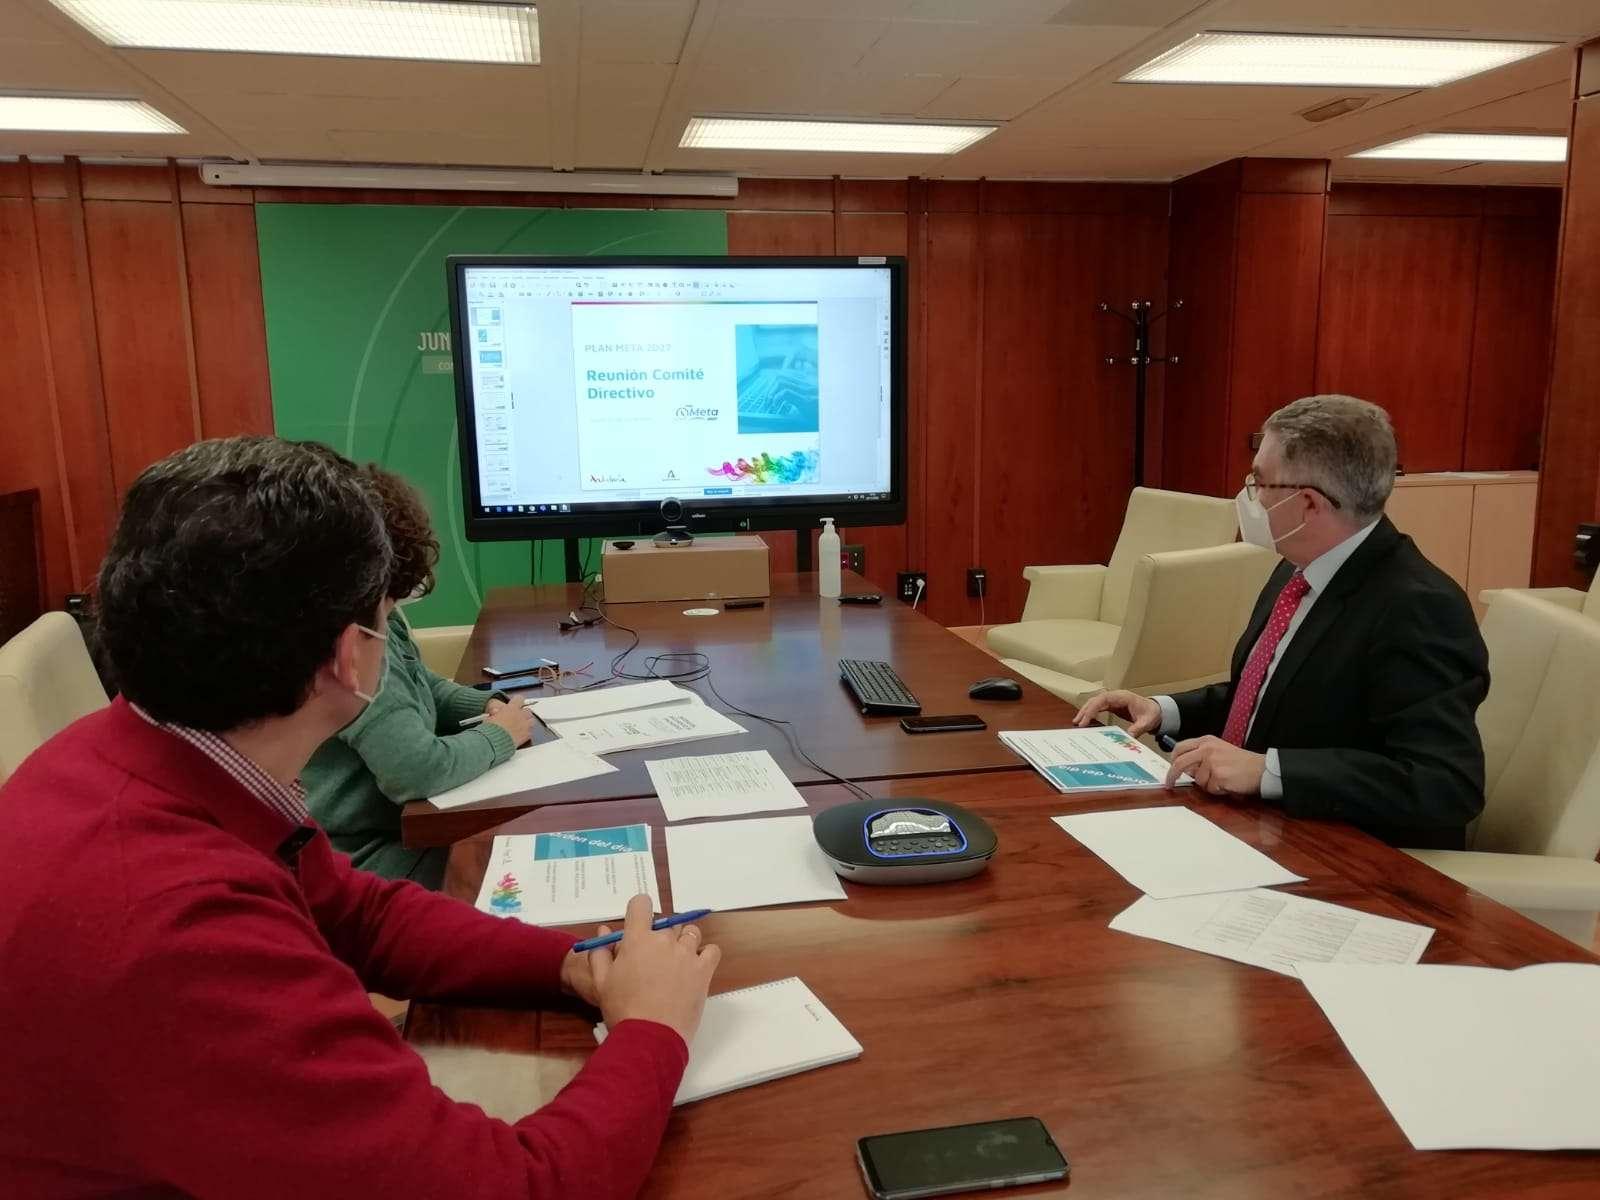 El secretario general para el Turismo, Manuel Muñoz, durante la reunión con responsables de las consejerías de la Junta de Andalucía.